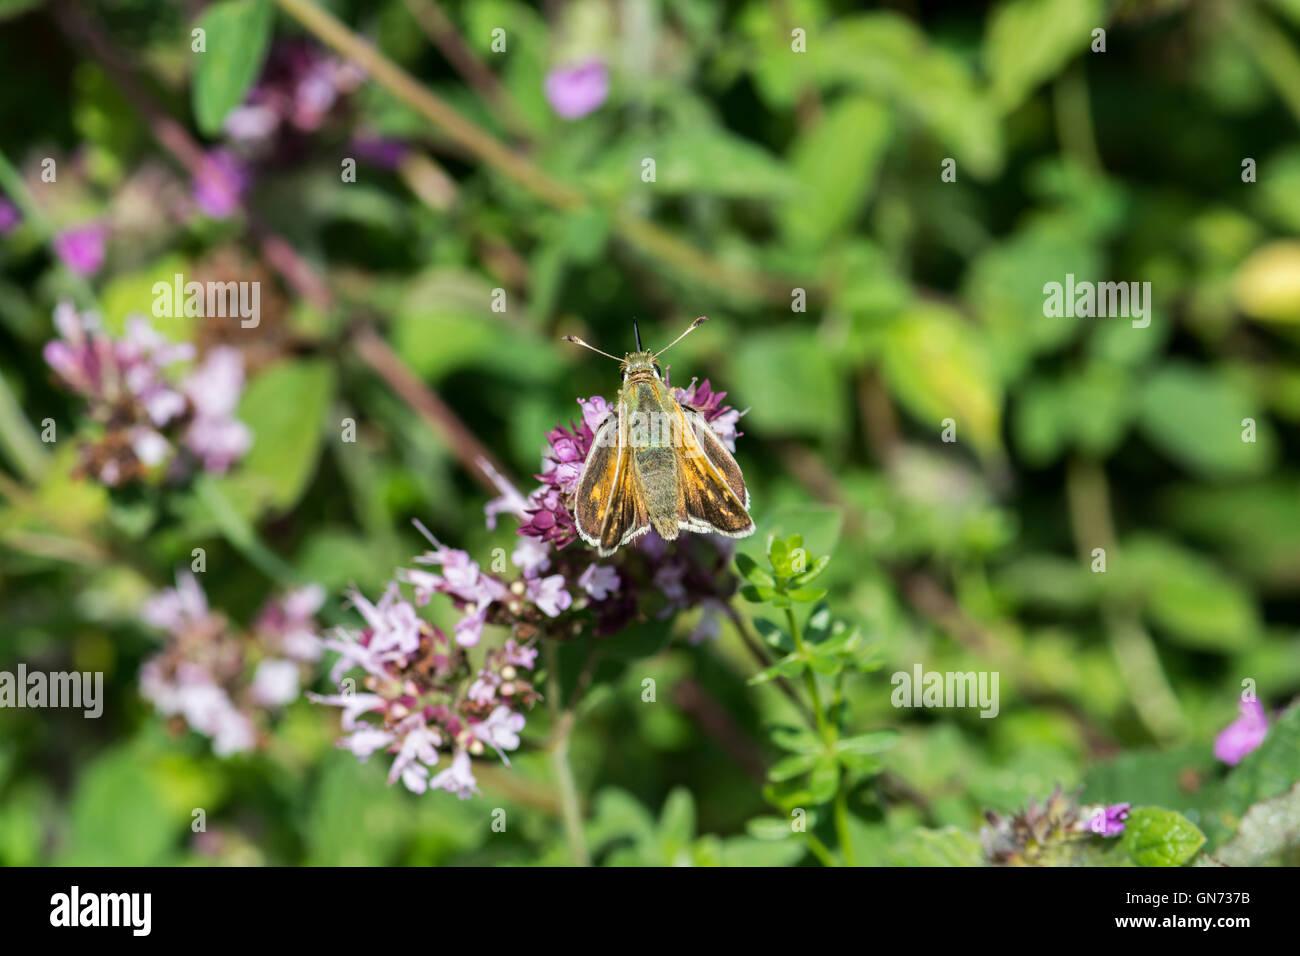 Silver-spotted skipper (Hesperia comma) Stock Photo